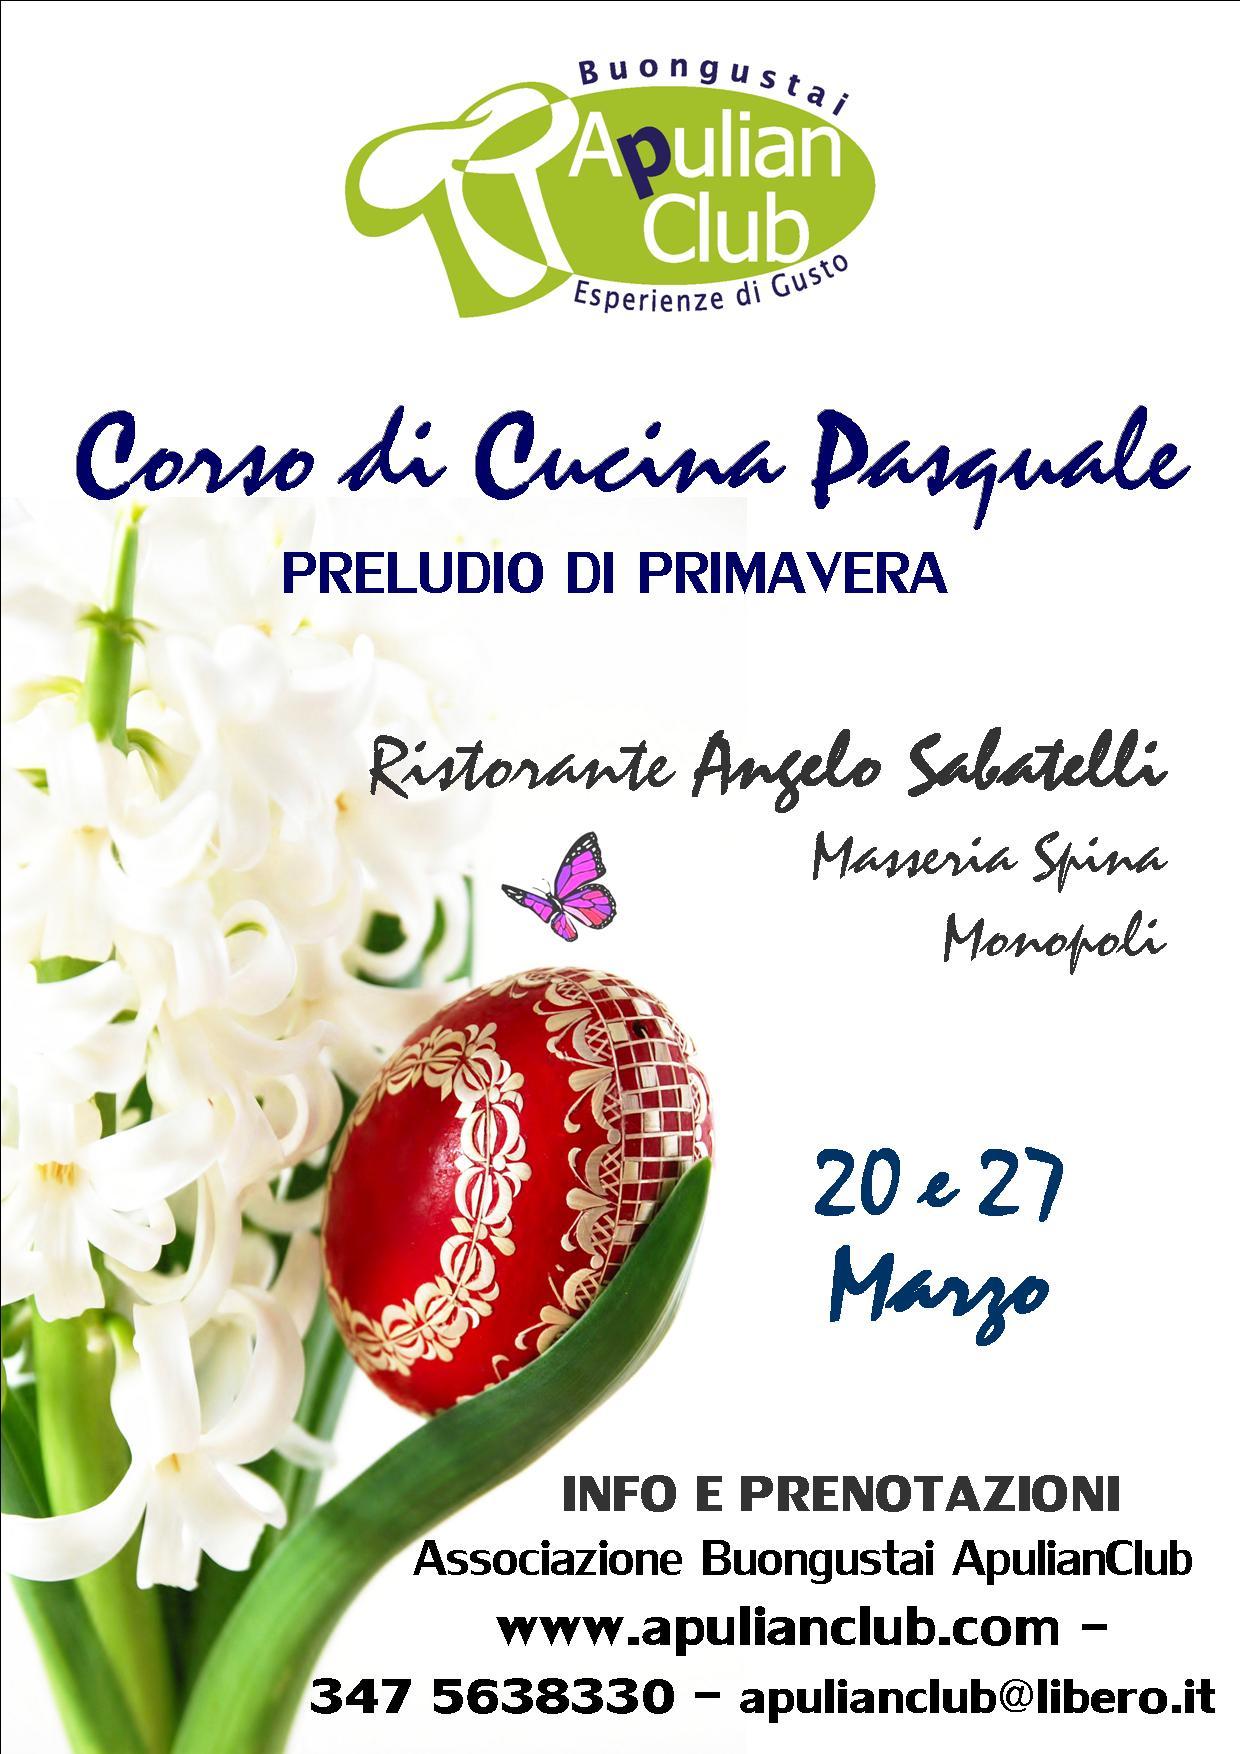 Apulian club associazione buongustai corso di cucina - Corso di cucina potenza ...